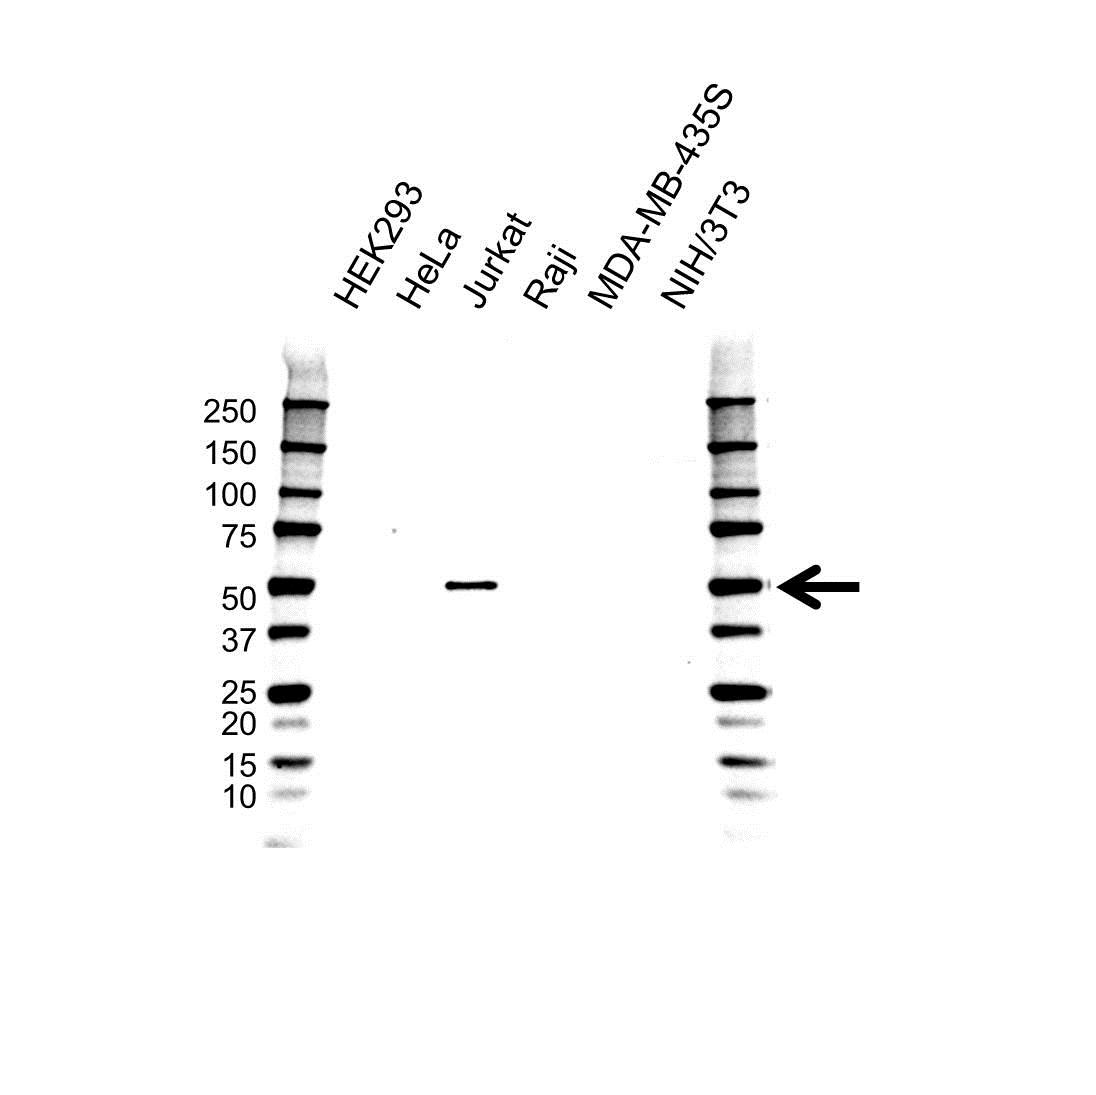 SH2D2A Antibody (PrecisionAb<sup>TM</sup> Antibody) | OTI6G1 gallery image 1